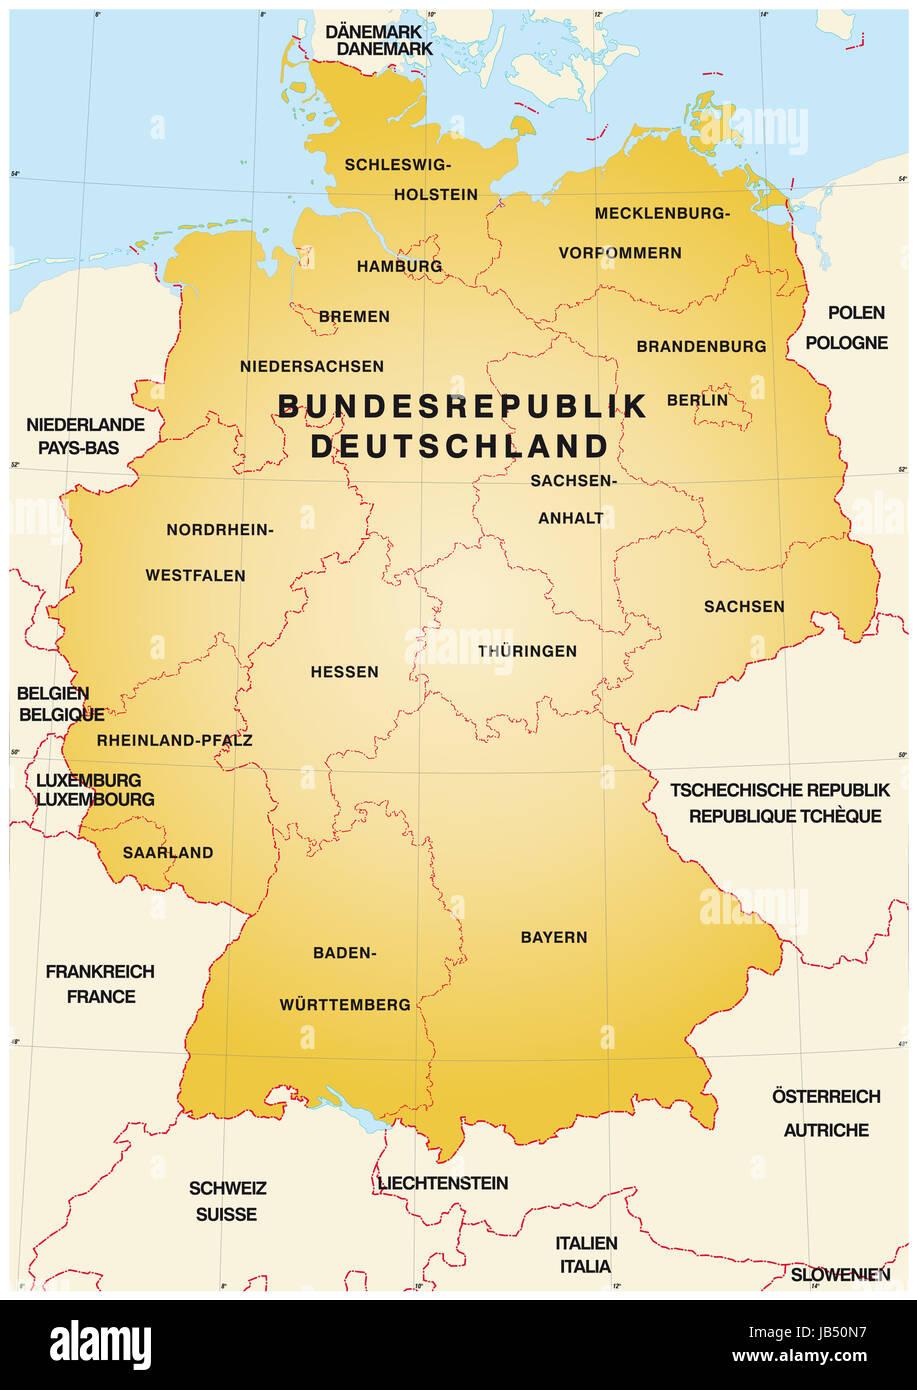 nachbarländer von deutschland